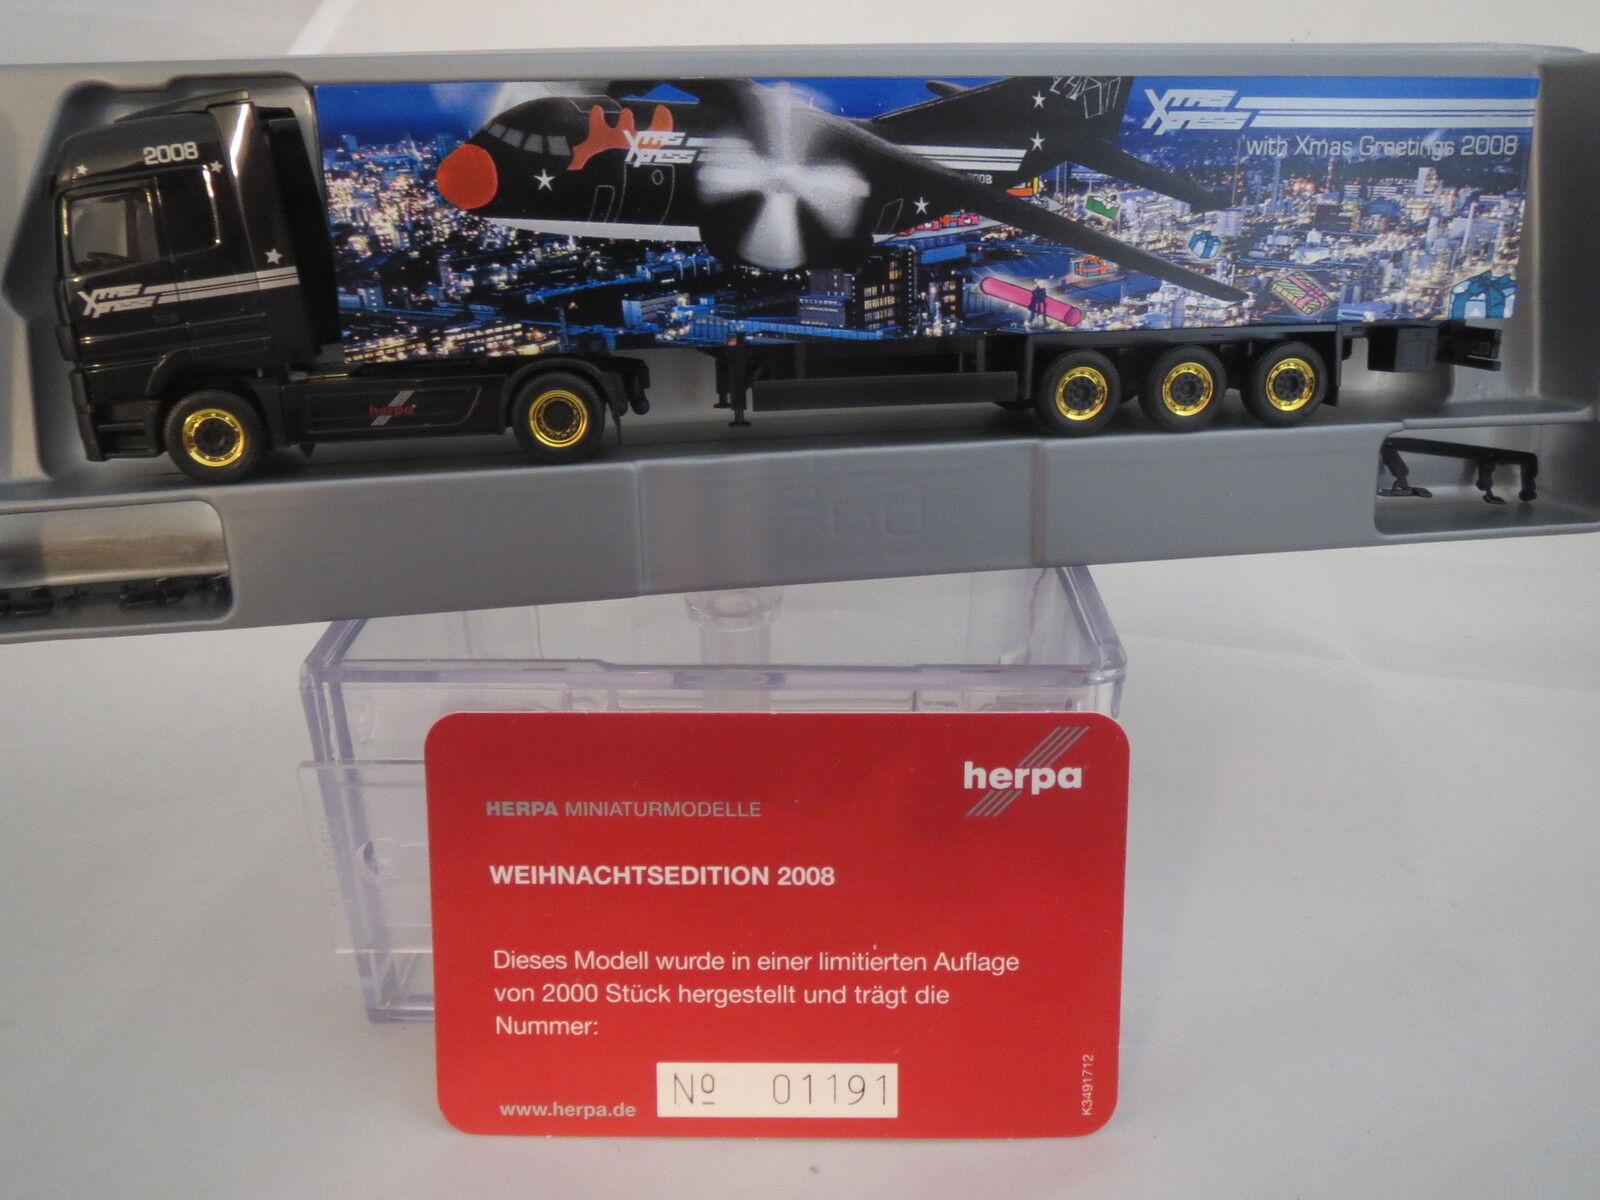 Herpa MB Exclusive Series  Weihnachtsedition  08 Nr.01191  1 87  TOP & OVP  | Bekannt für seine schöne Qualität